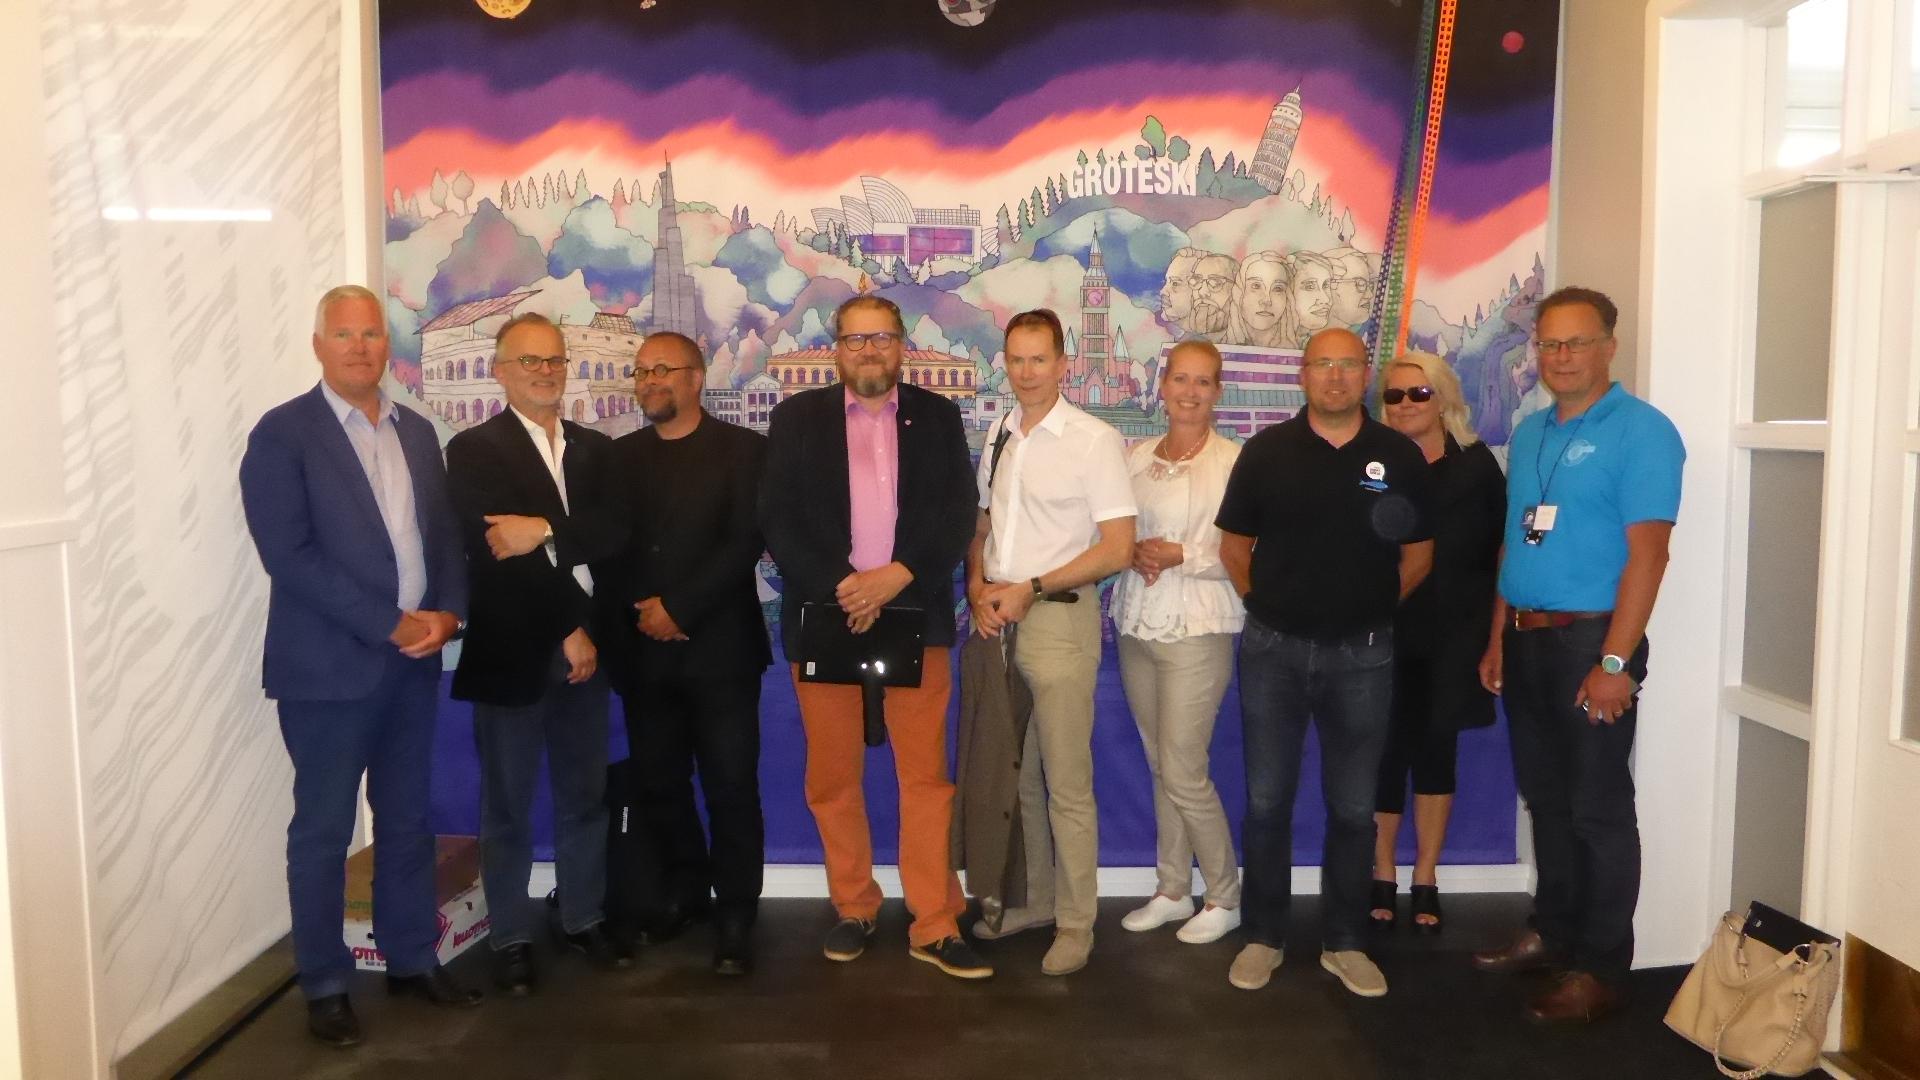 Mikkelin Symposiumin osanottajia Mikkelissä 10.8.2017